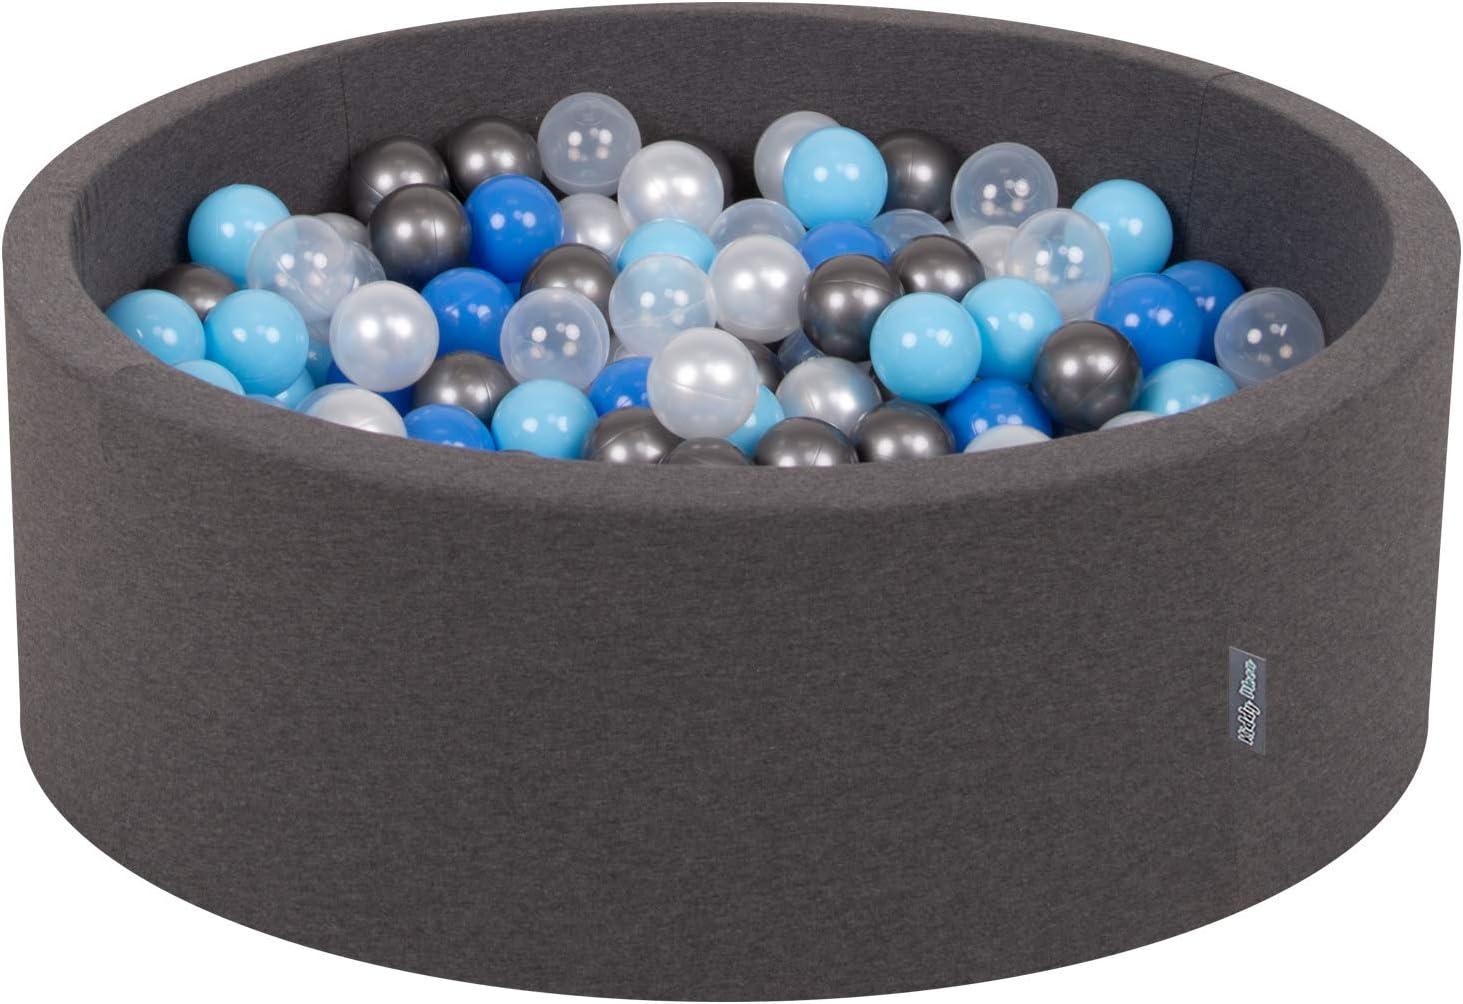 KiddyMoon 90X30cm/200 Bolas ∅ 7Cm Piscina De Bolas para Ninos Hecha En La UE, Gris Os:Perla,Azul,Azul Clr,Transparente,Plata